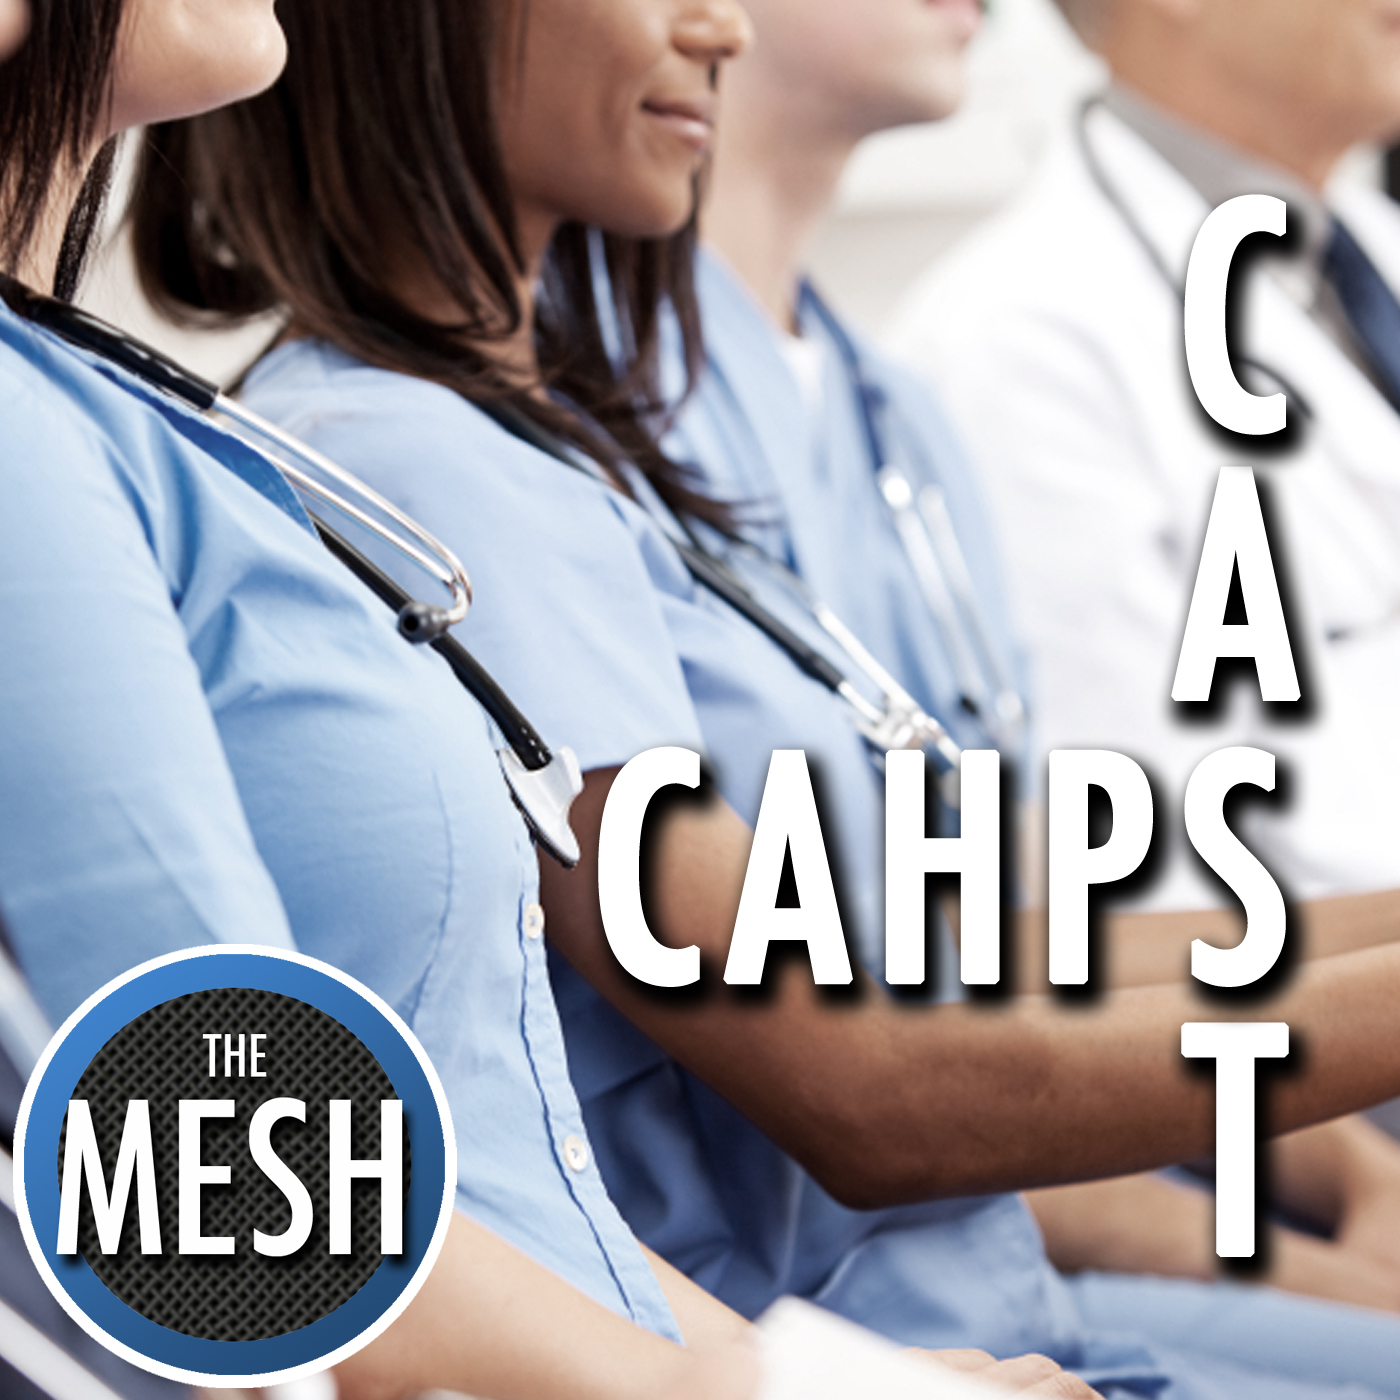 CAHPS Cast